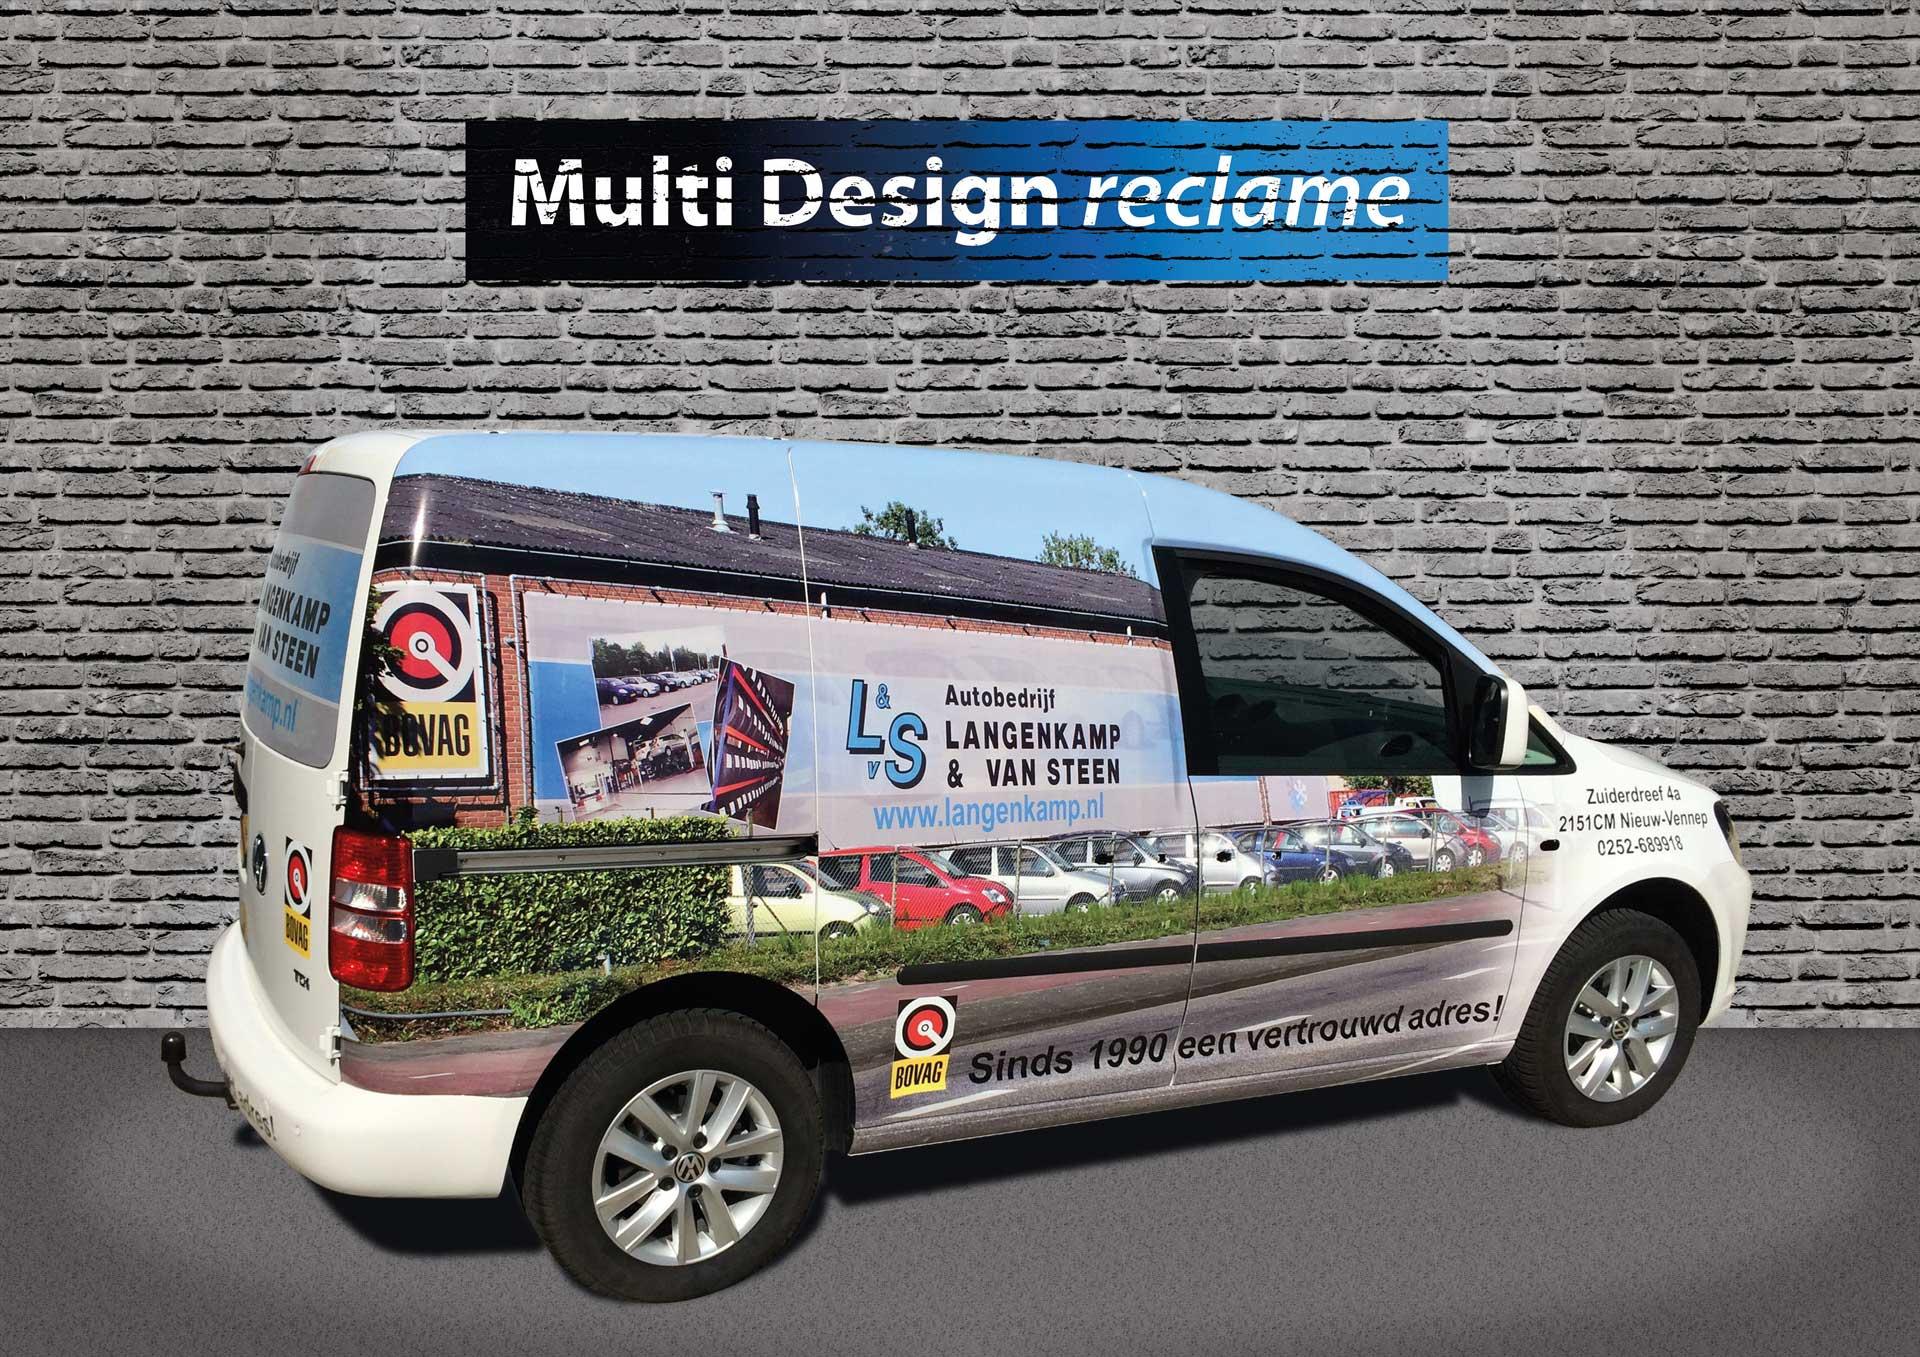 Multi Design Reclame - Autowrap SBS6 Ultieme Woondroom